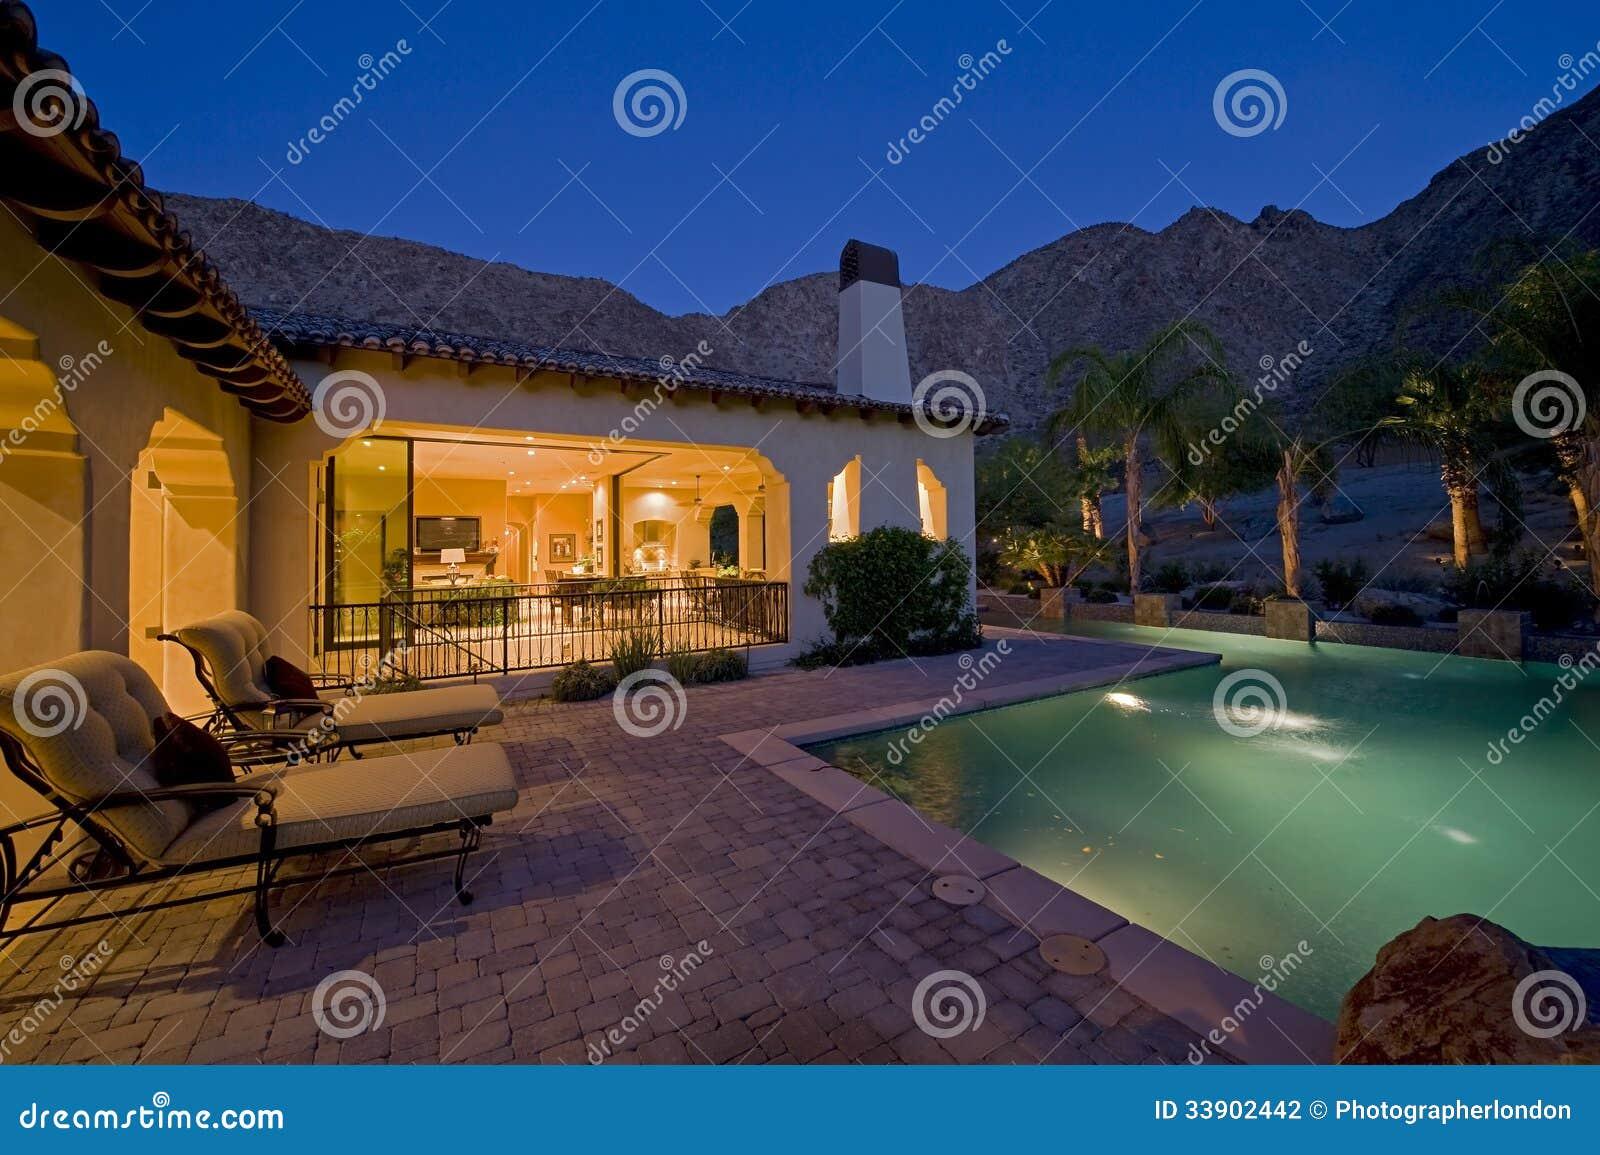 Fantastisch Haus Mit Pool Im Hinterhof An Der Dämmerung